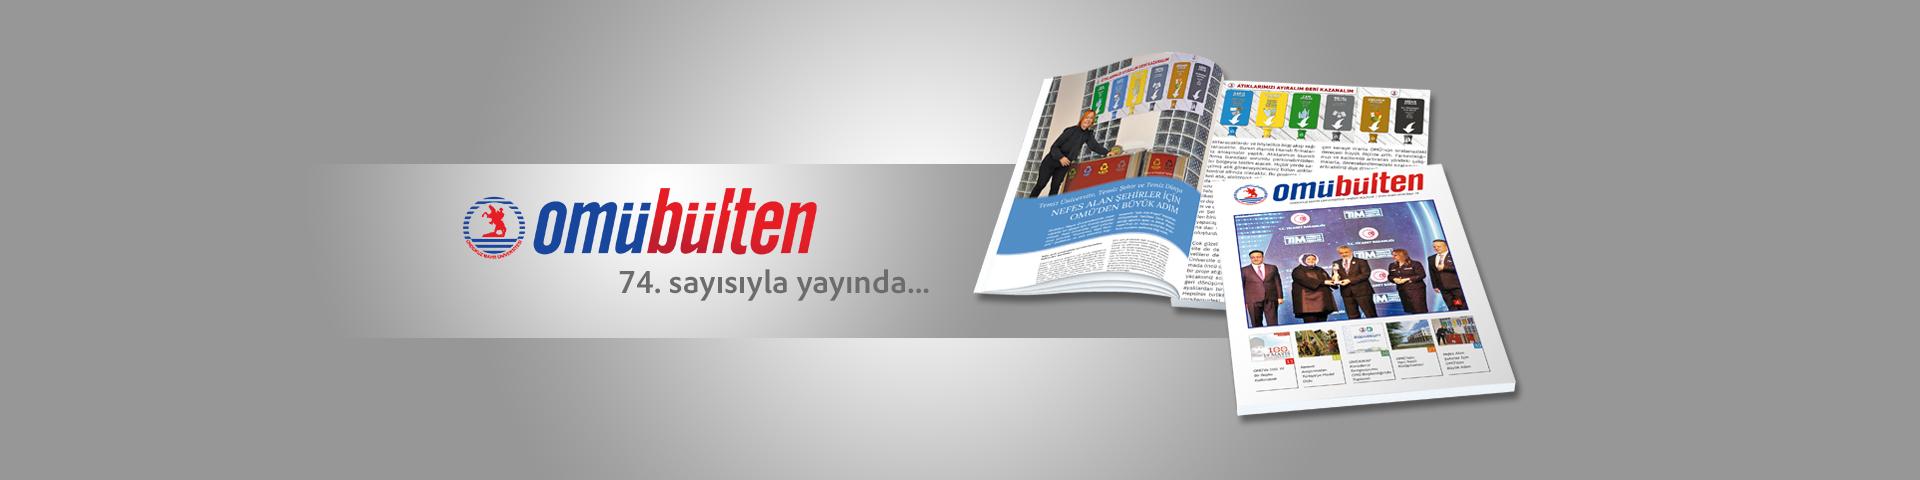 OMÜ Bülten Dergisi Dolu Bir İçerikle Yayında